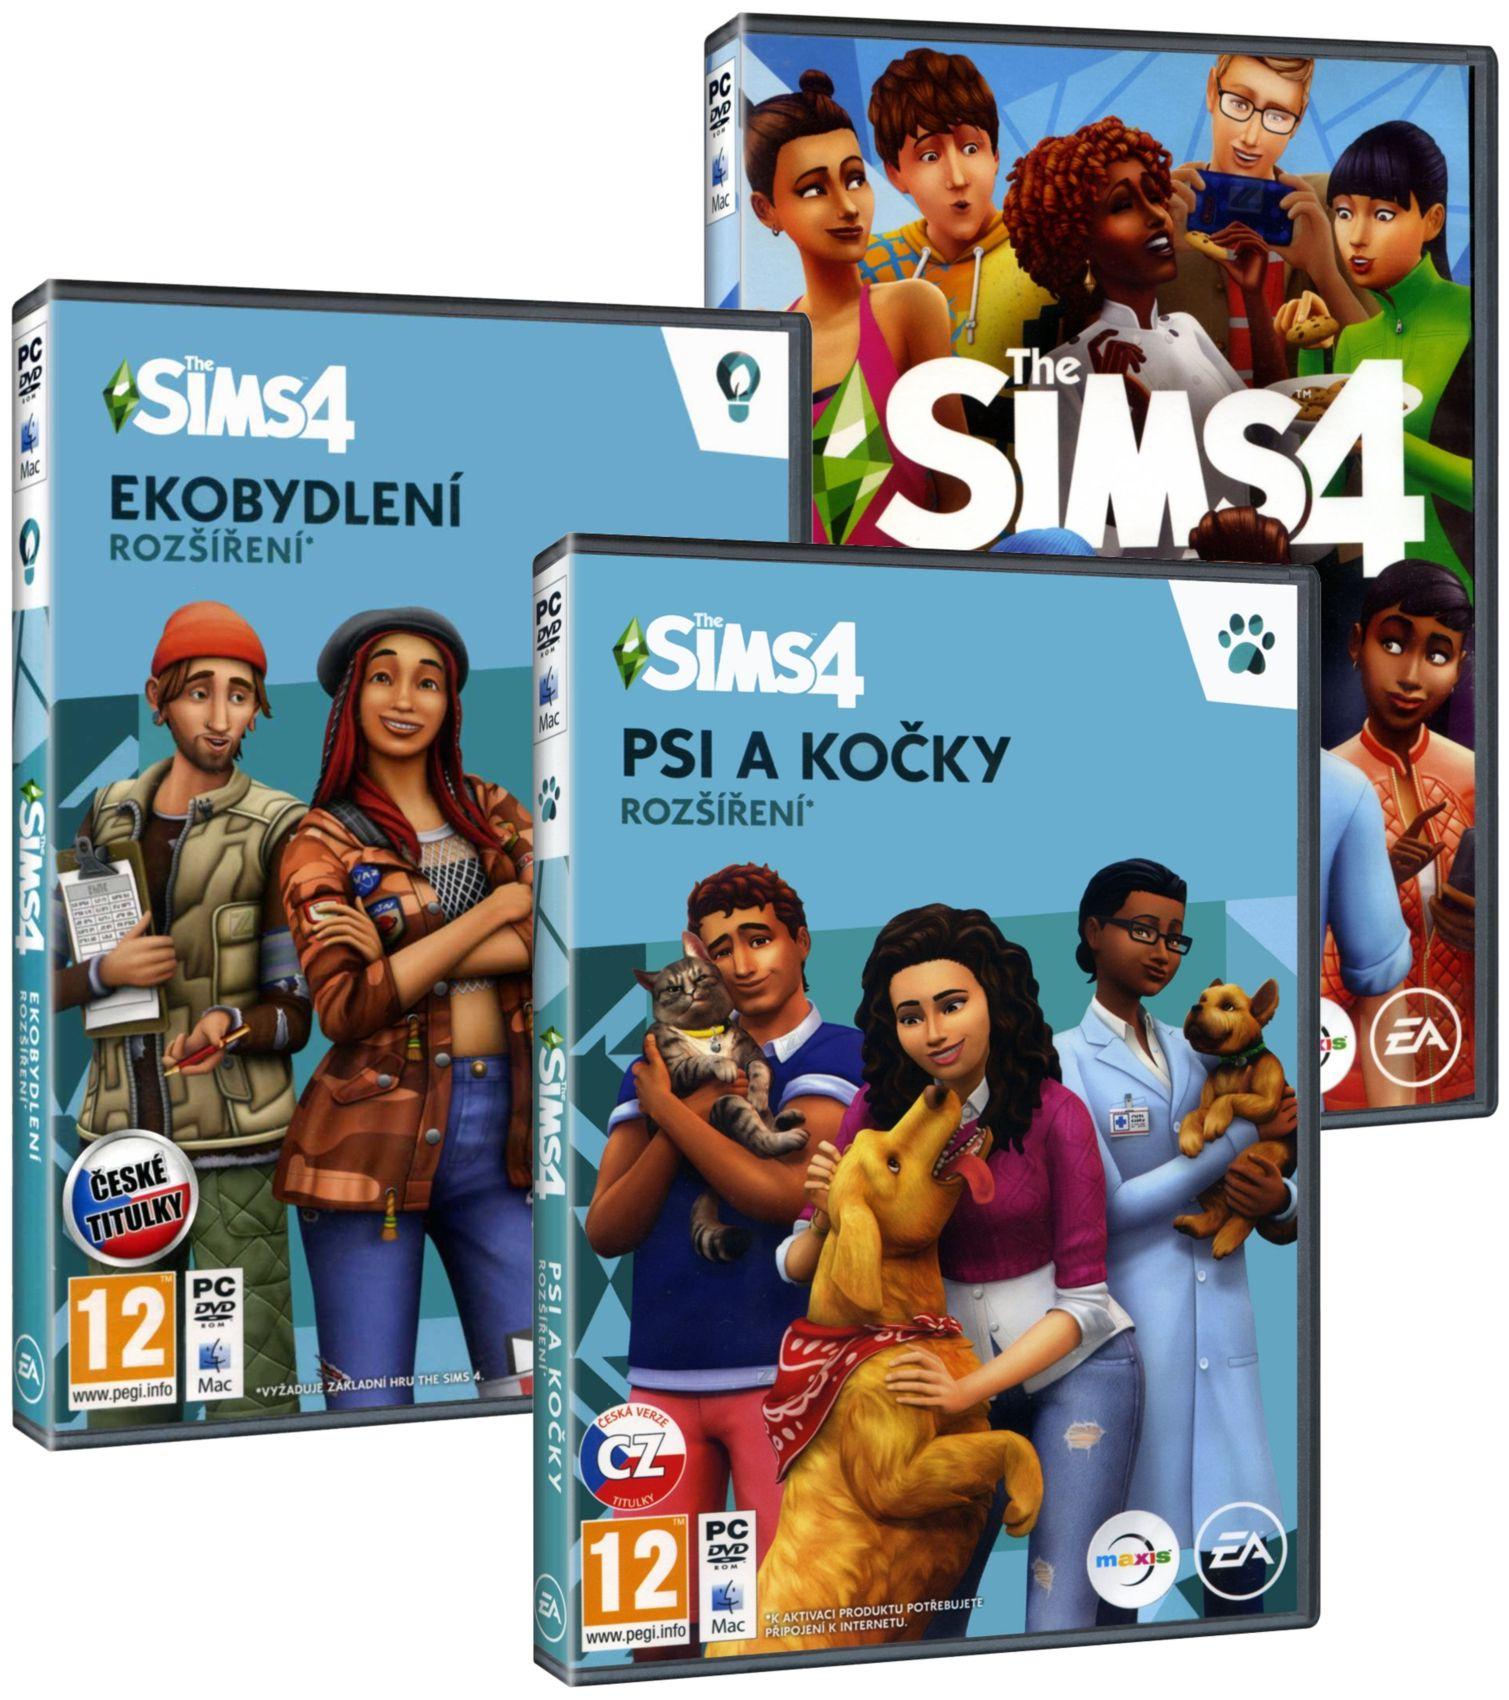 The Sims 4 + Ekobydlení + Psi a kočky BUNDLE (základ + 2 rozšíření) - PC